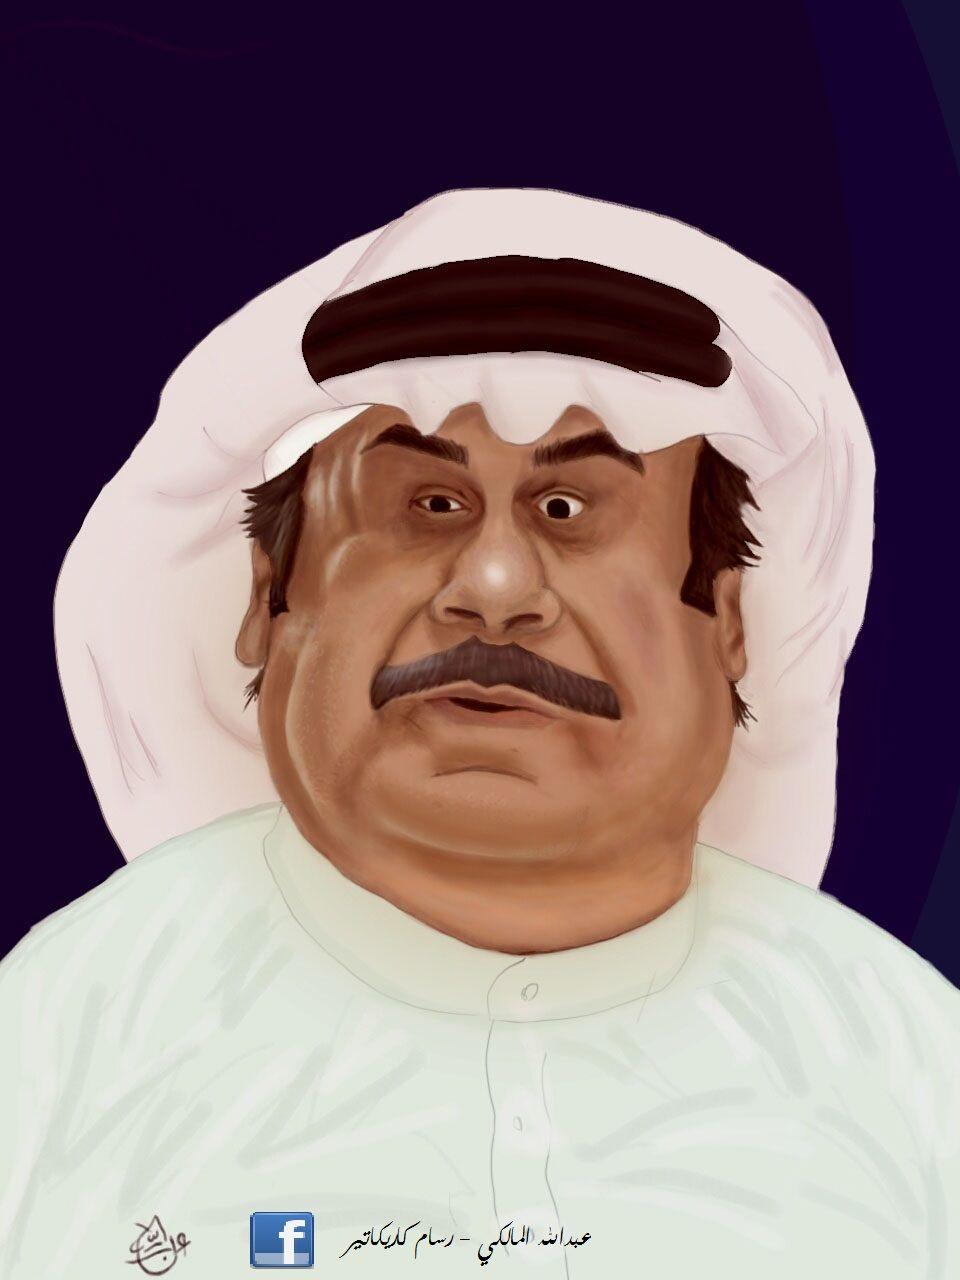 عبدالحسين عبدالرضا Places To Visit Projects To Try Holiday Shop